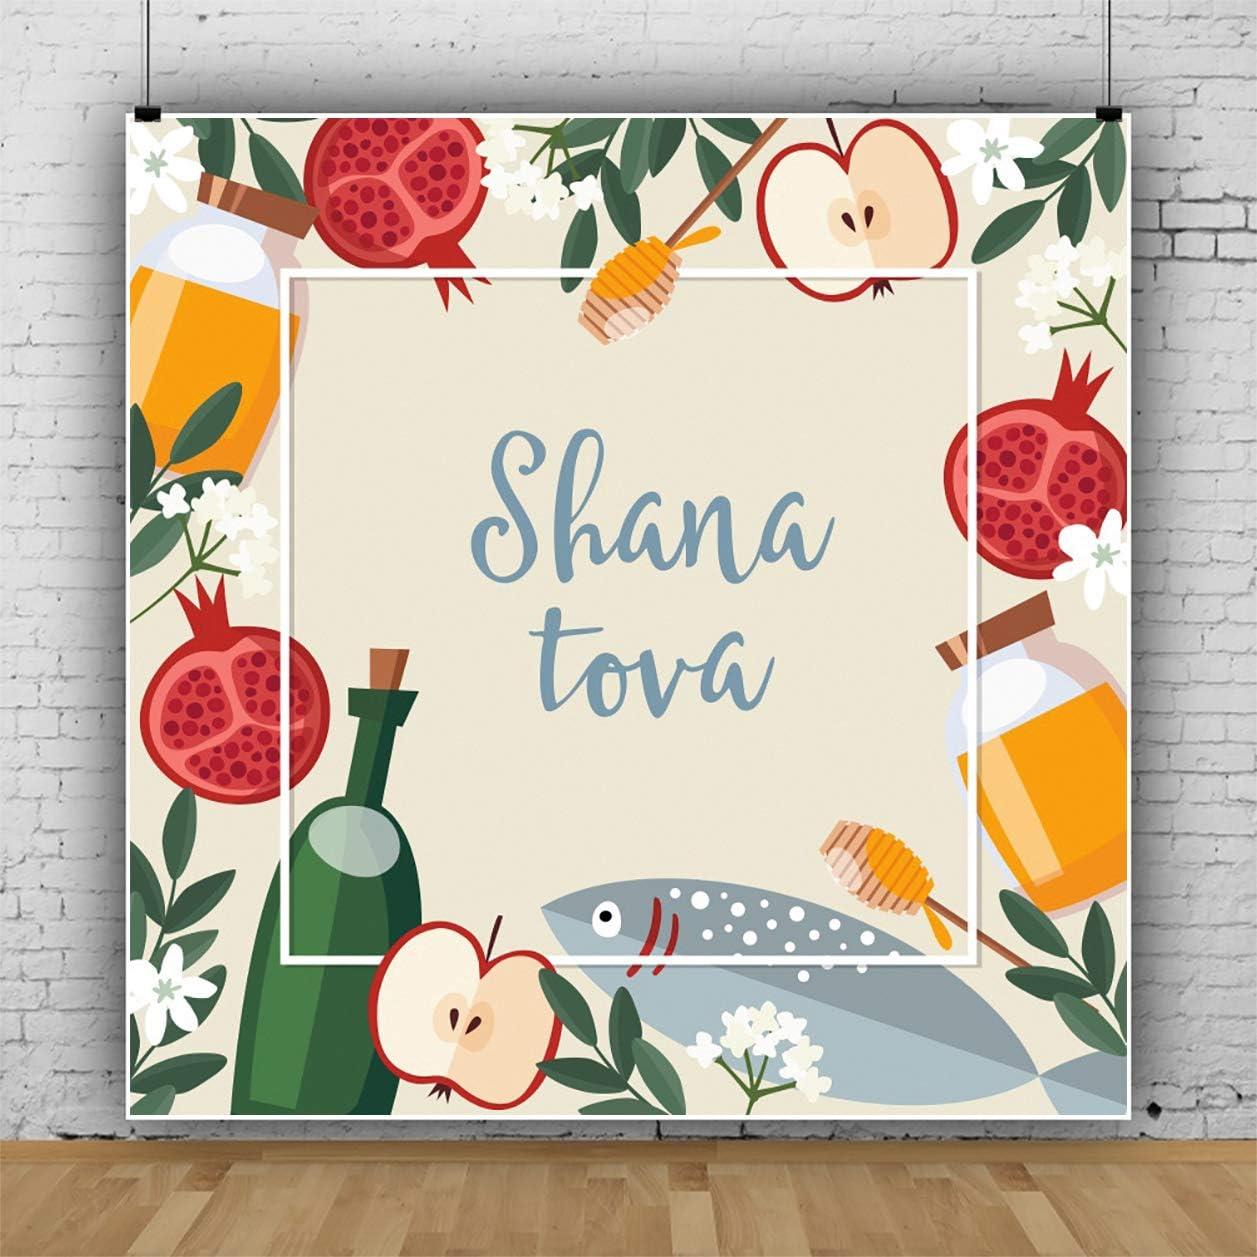 YEELE 10x10ft Shana Tova Backdrop Pomegranate Illustration Style Honey Apple Fruit Fish Photography Background Rosh Hashana Jewish New Year Holiday Kids Adults Artistic Portrait Photoshoot Props